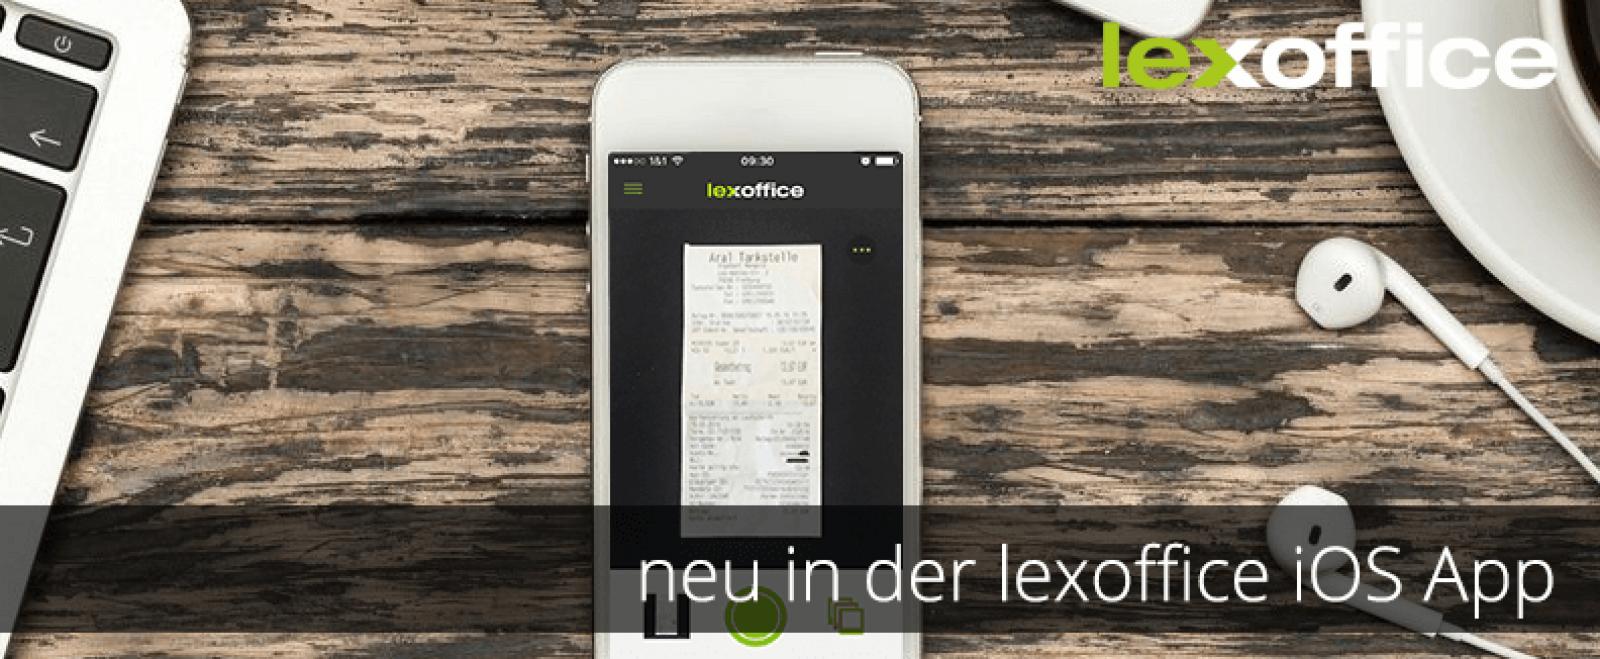 Stets gut erfasst: Neu in der lexoffice iOS Scan App